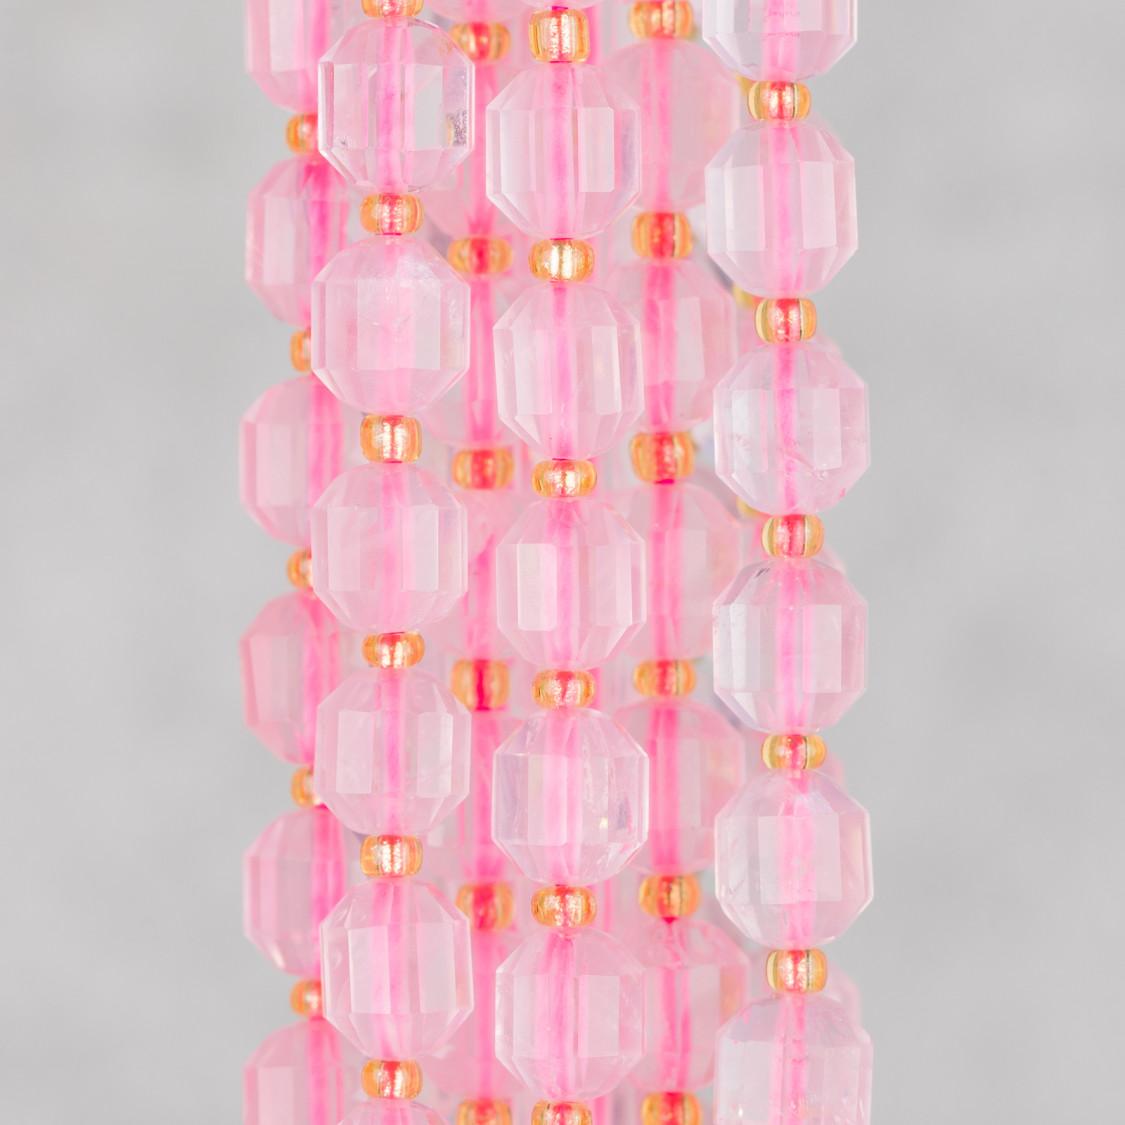 Cabochon Di Cristalli Sfaccettati E Ottone 1 Anellino Rombo 17x26mm 10pz Celeste Opaco E Dorato